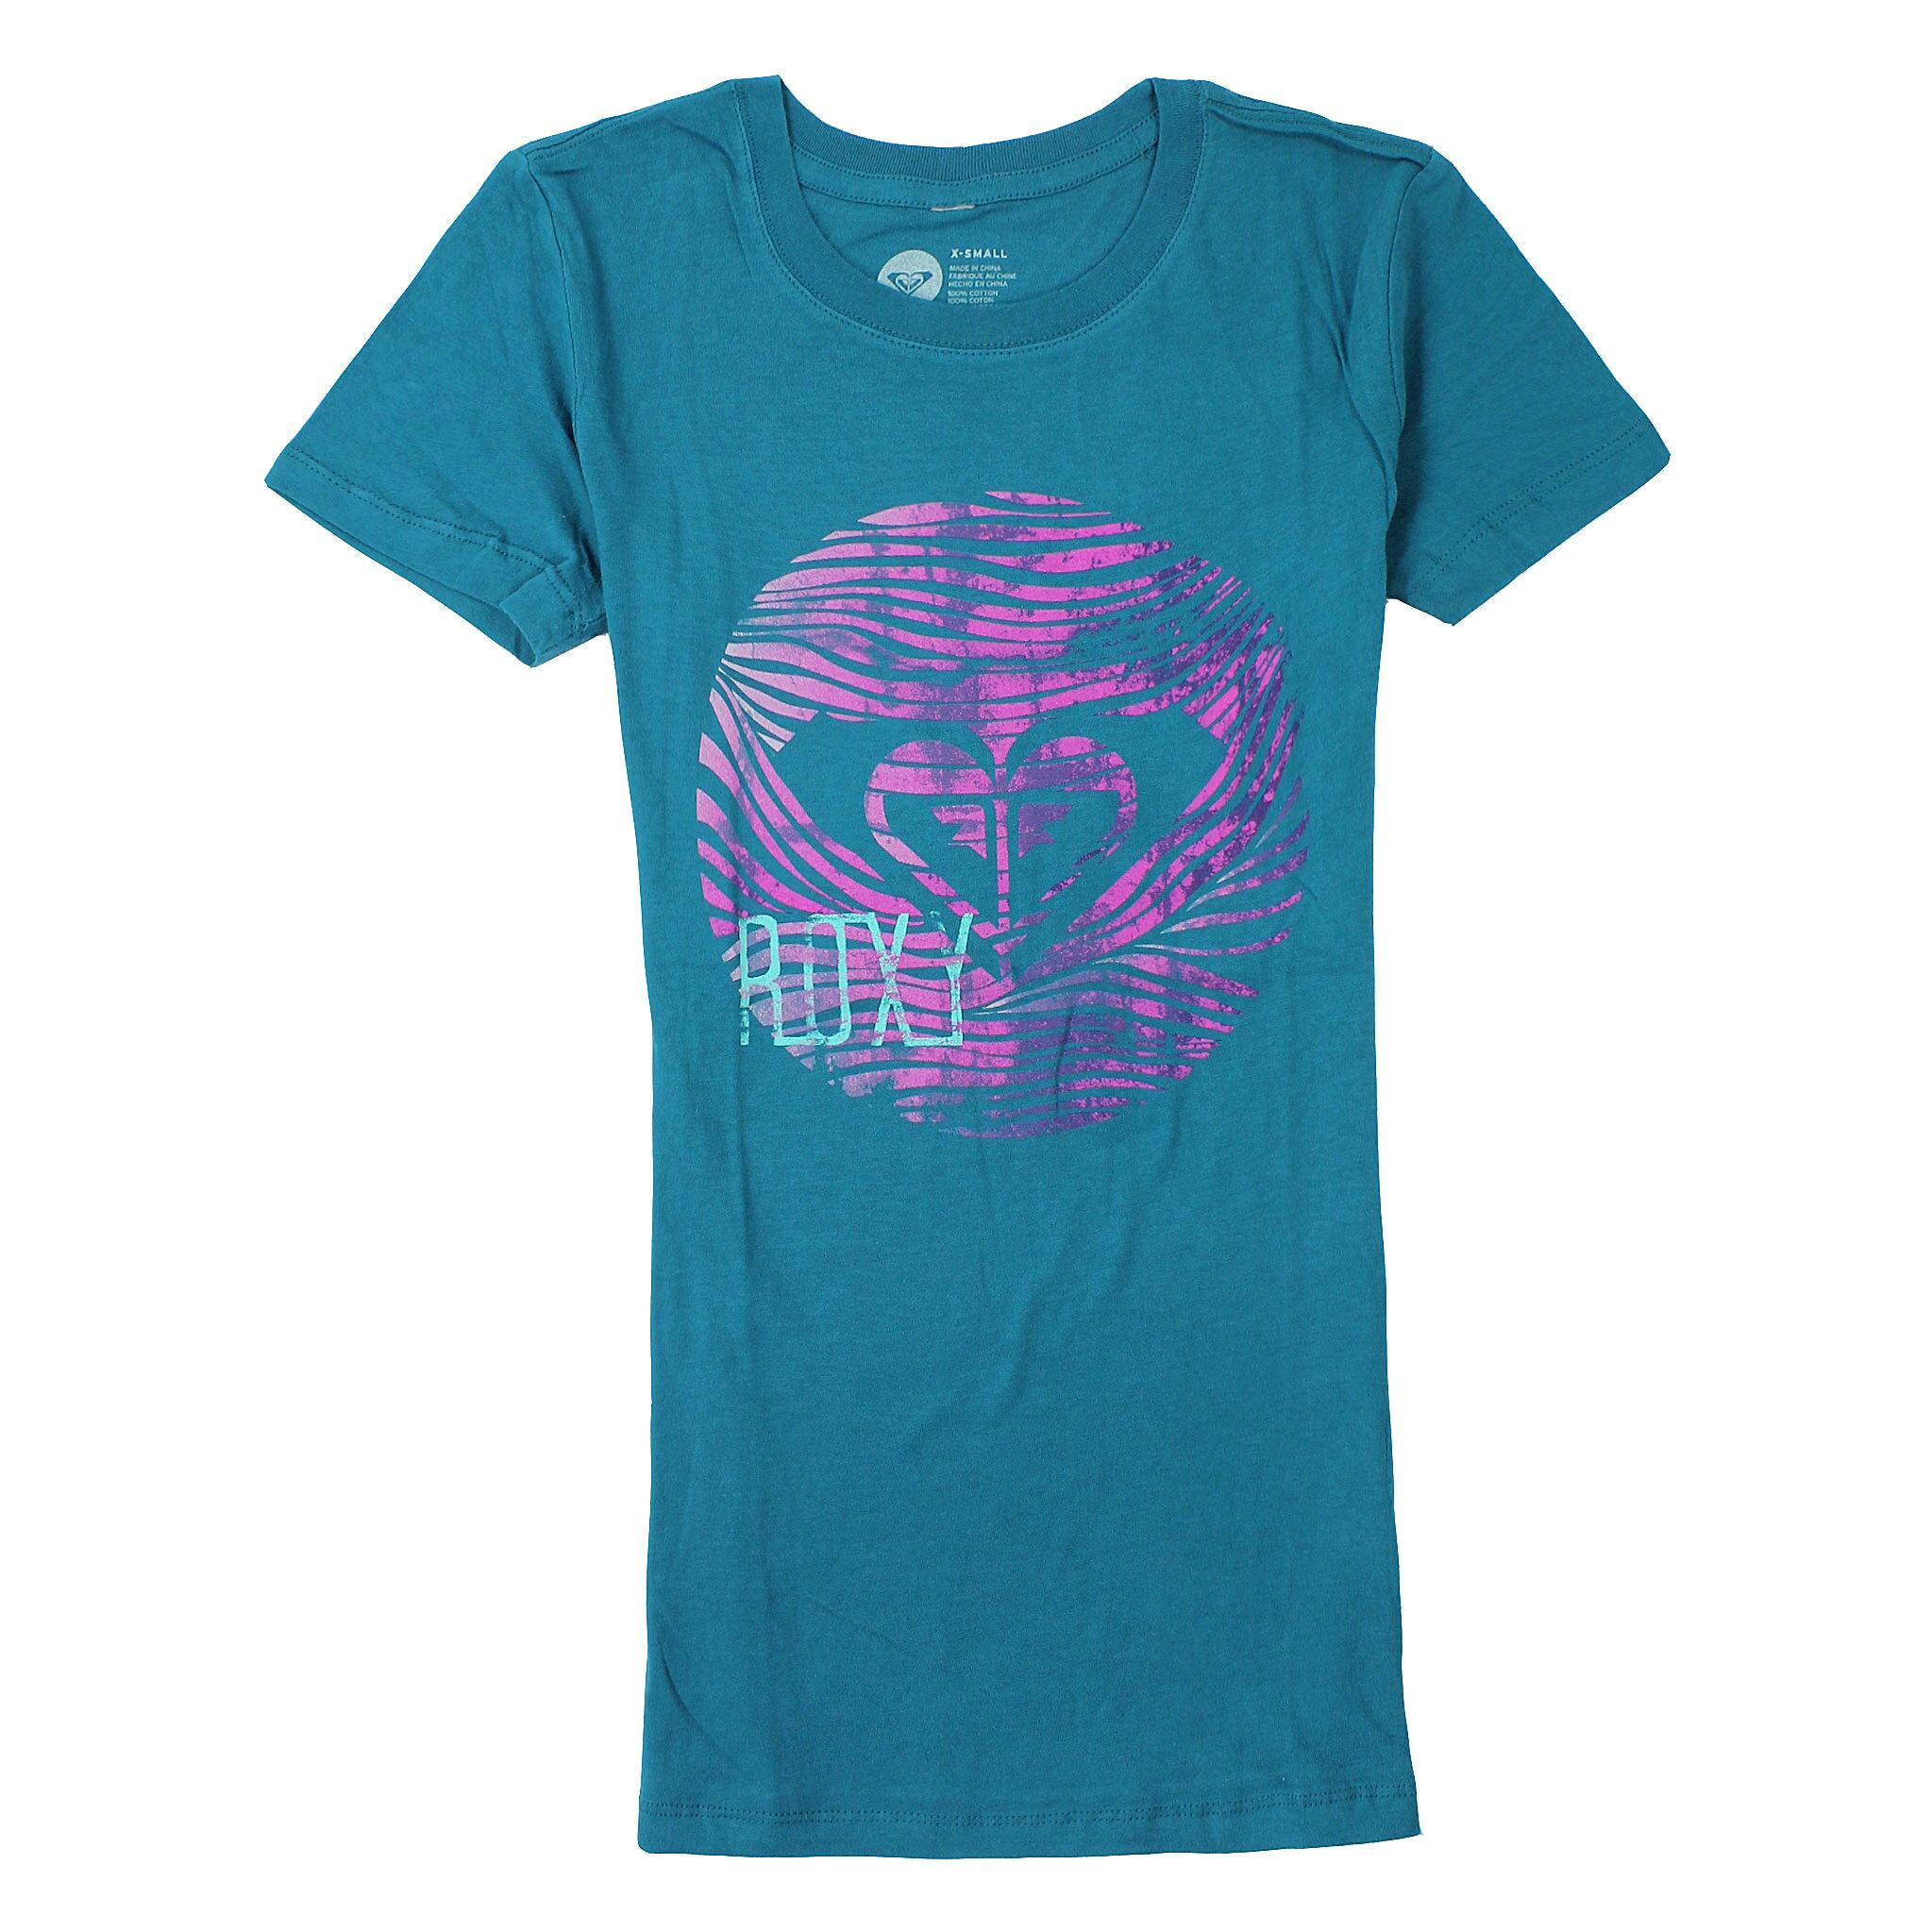 美國百分百【全新真品】Roxy T恤 短袖 上衣 T-shirt Logo 綠 春夏 窄版 Logo 純棉 修身 女 XS S M